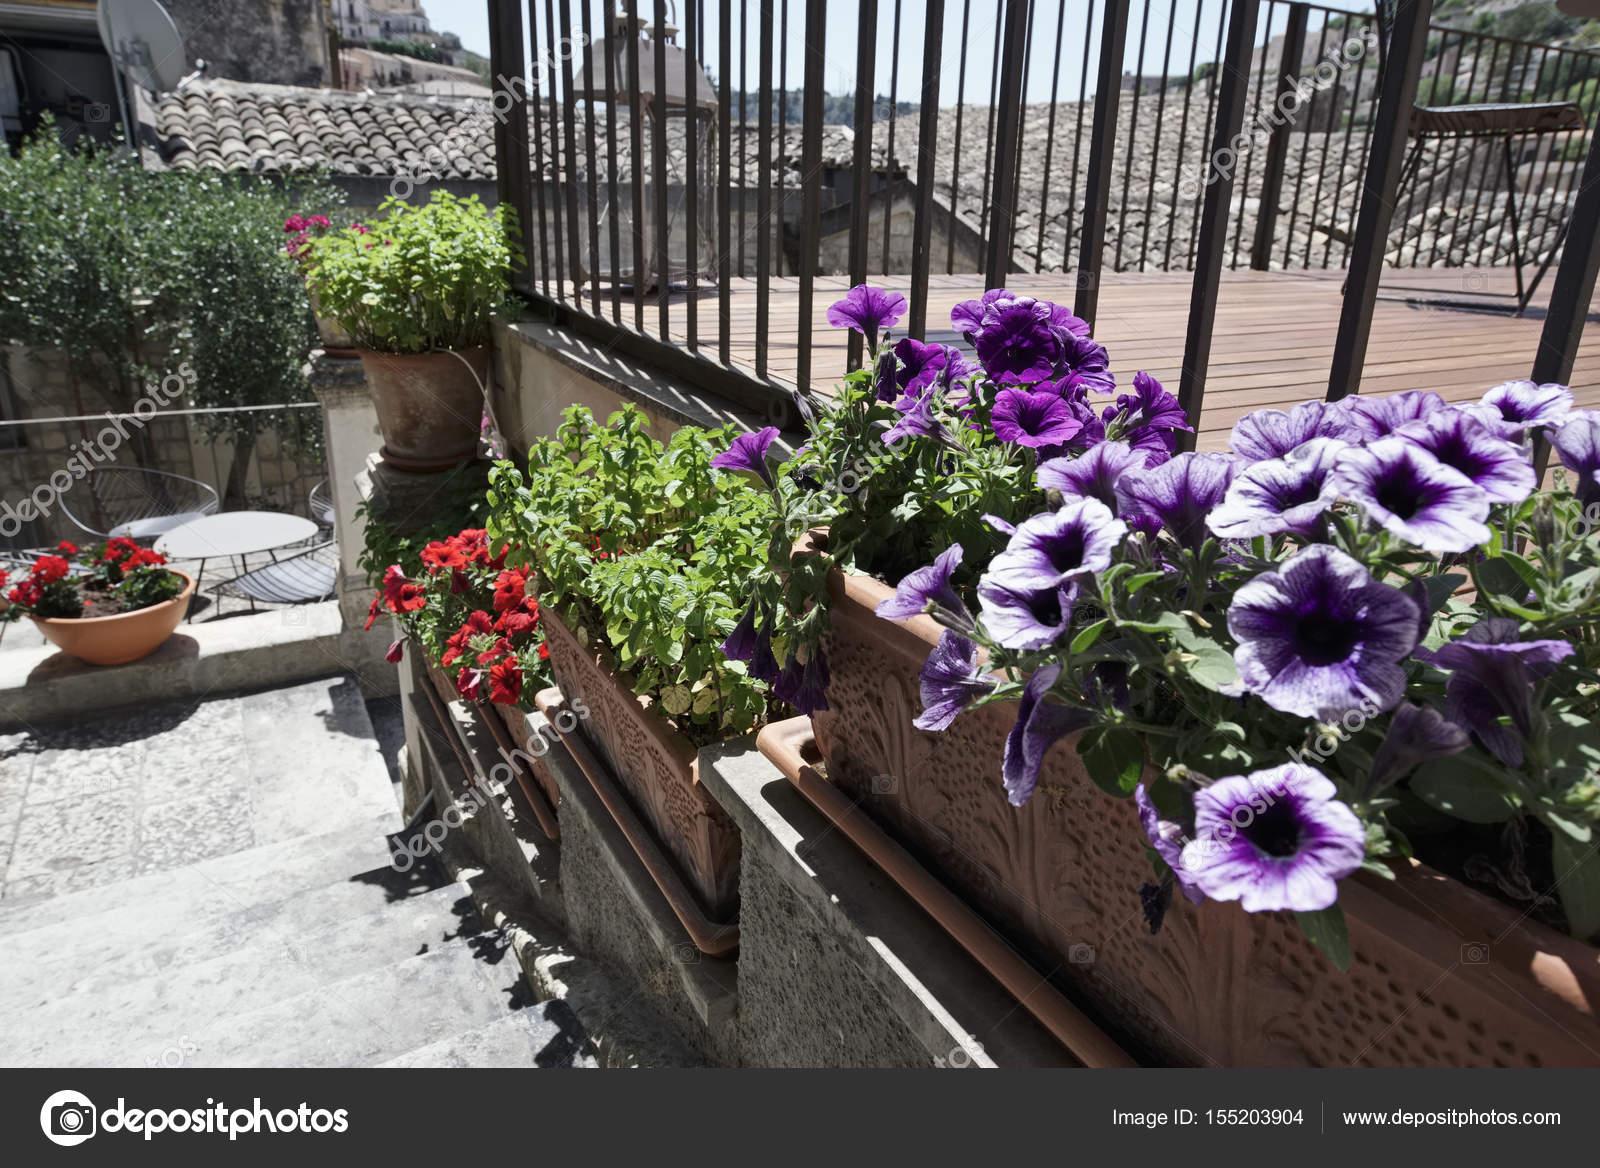 italien sizilien landschaft blumen und minze pflanzen in einem garten stockfoto. Black Bedroom Furniture Sets. Home Design Ideas